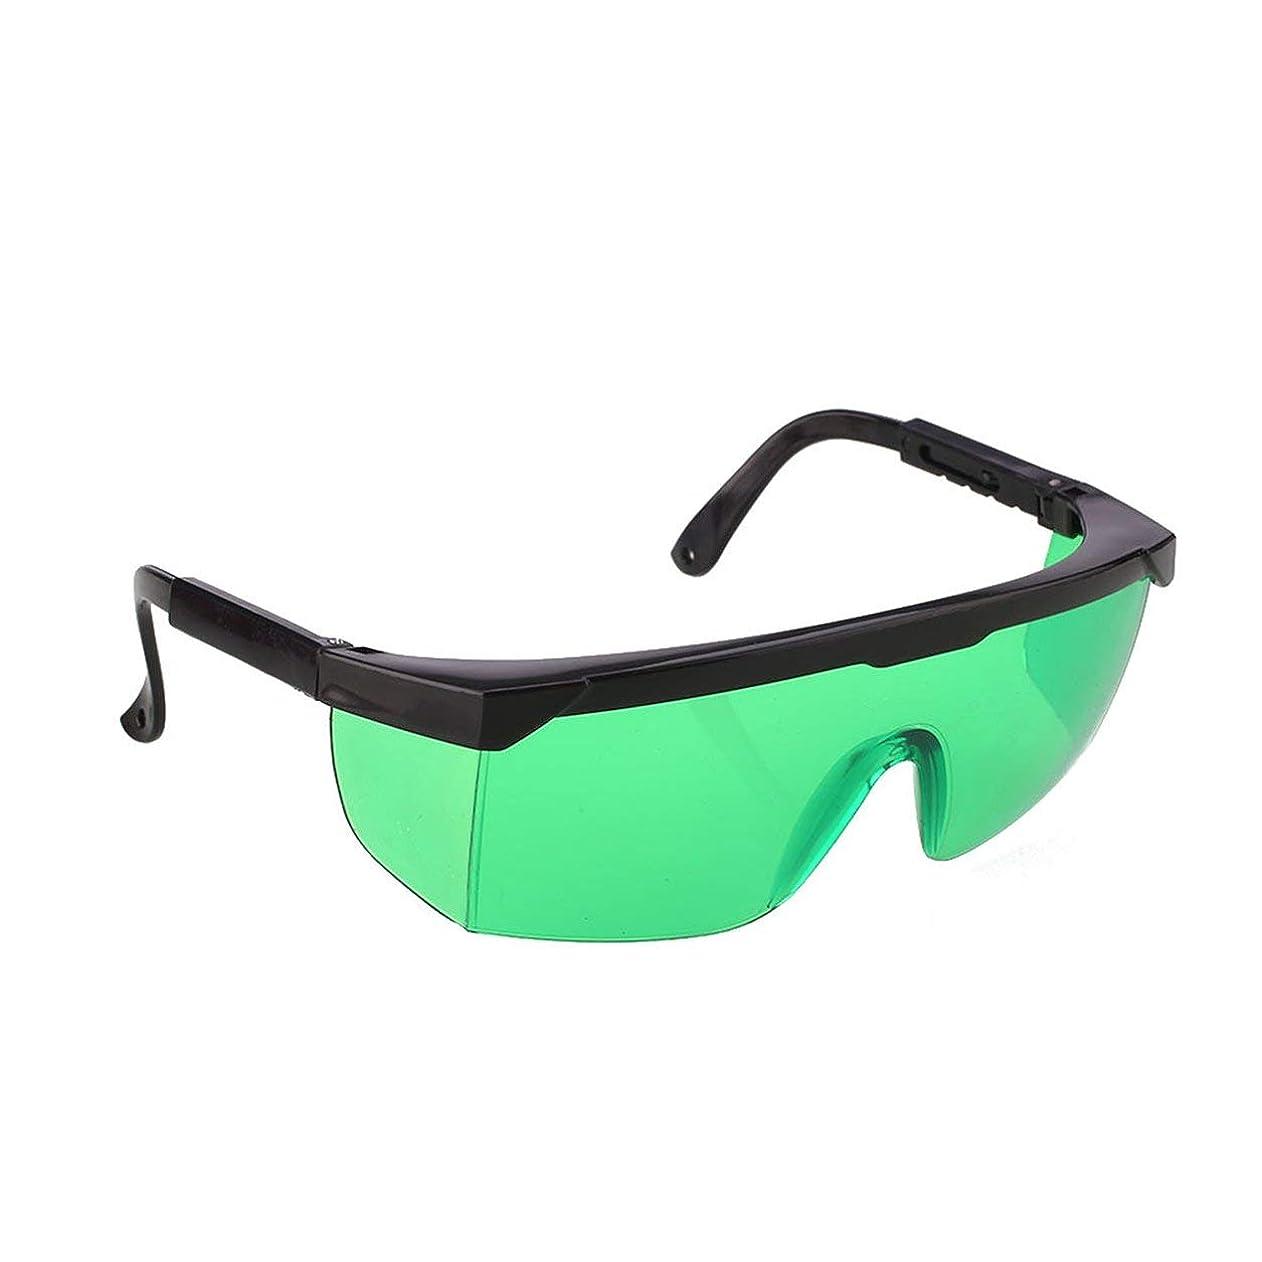 地震十代の若者たちはいSaikogoods 除毛クリーム ポイント脱毛保護メガネユニバーサルゴーグル眼鏡を凍結IPL/E-光OPTのためのレーザー保護メガネ 緑